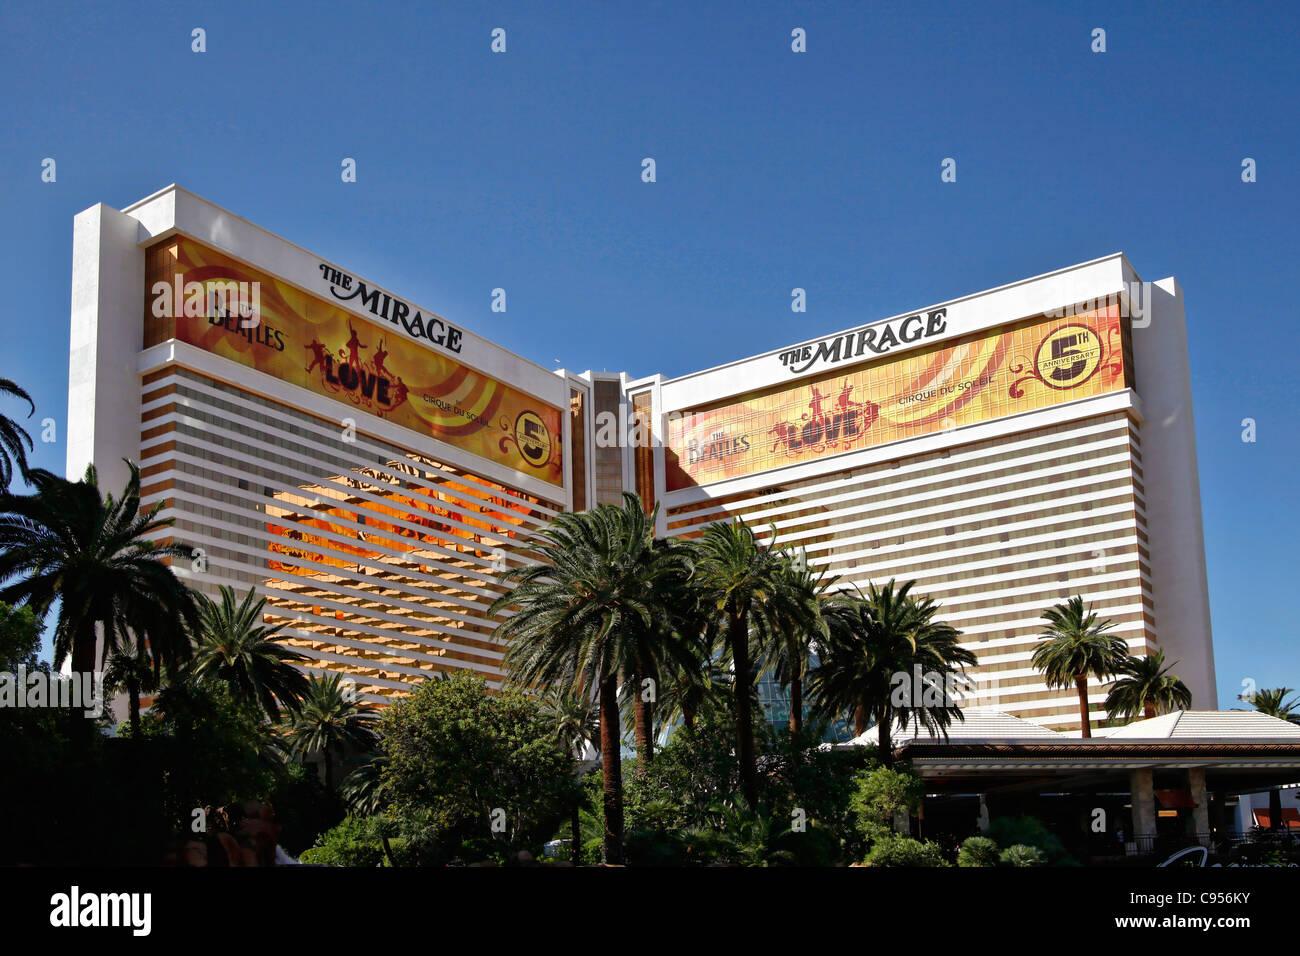 Mirage Hotel, Las Vegas, NV, USA - Stock Image